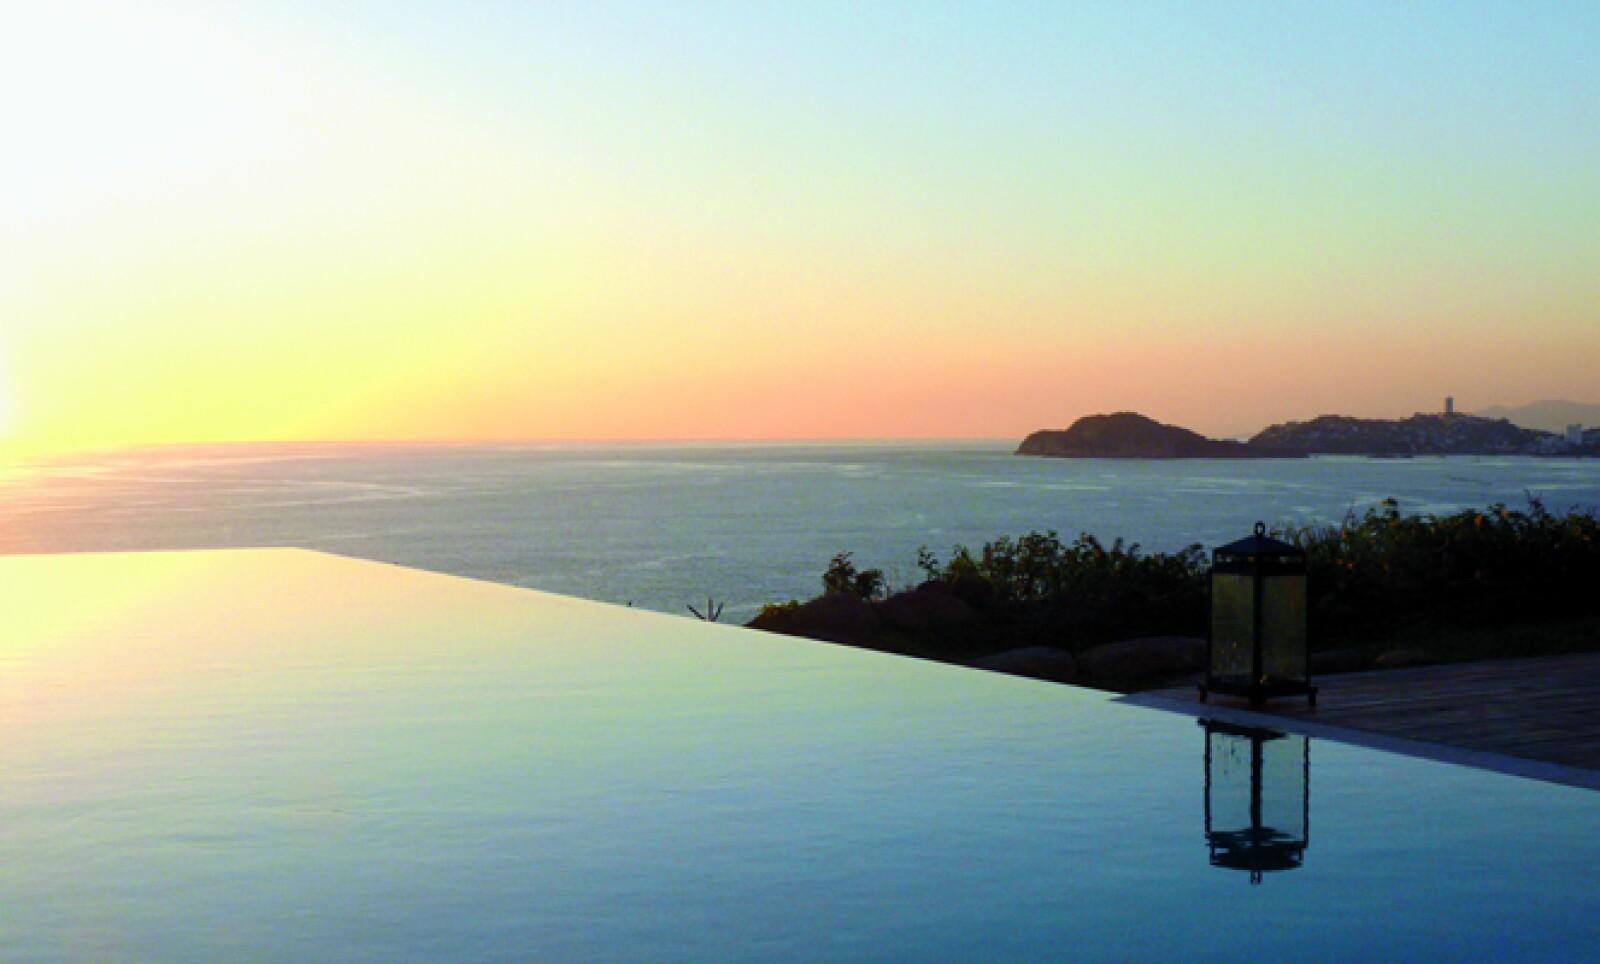 La hotelería de lujo resurge en uno de los puertos más bonitos de México, que hasta hace dos décadas era visitado por celebridades como Frank Sinatra.